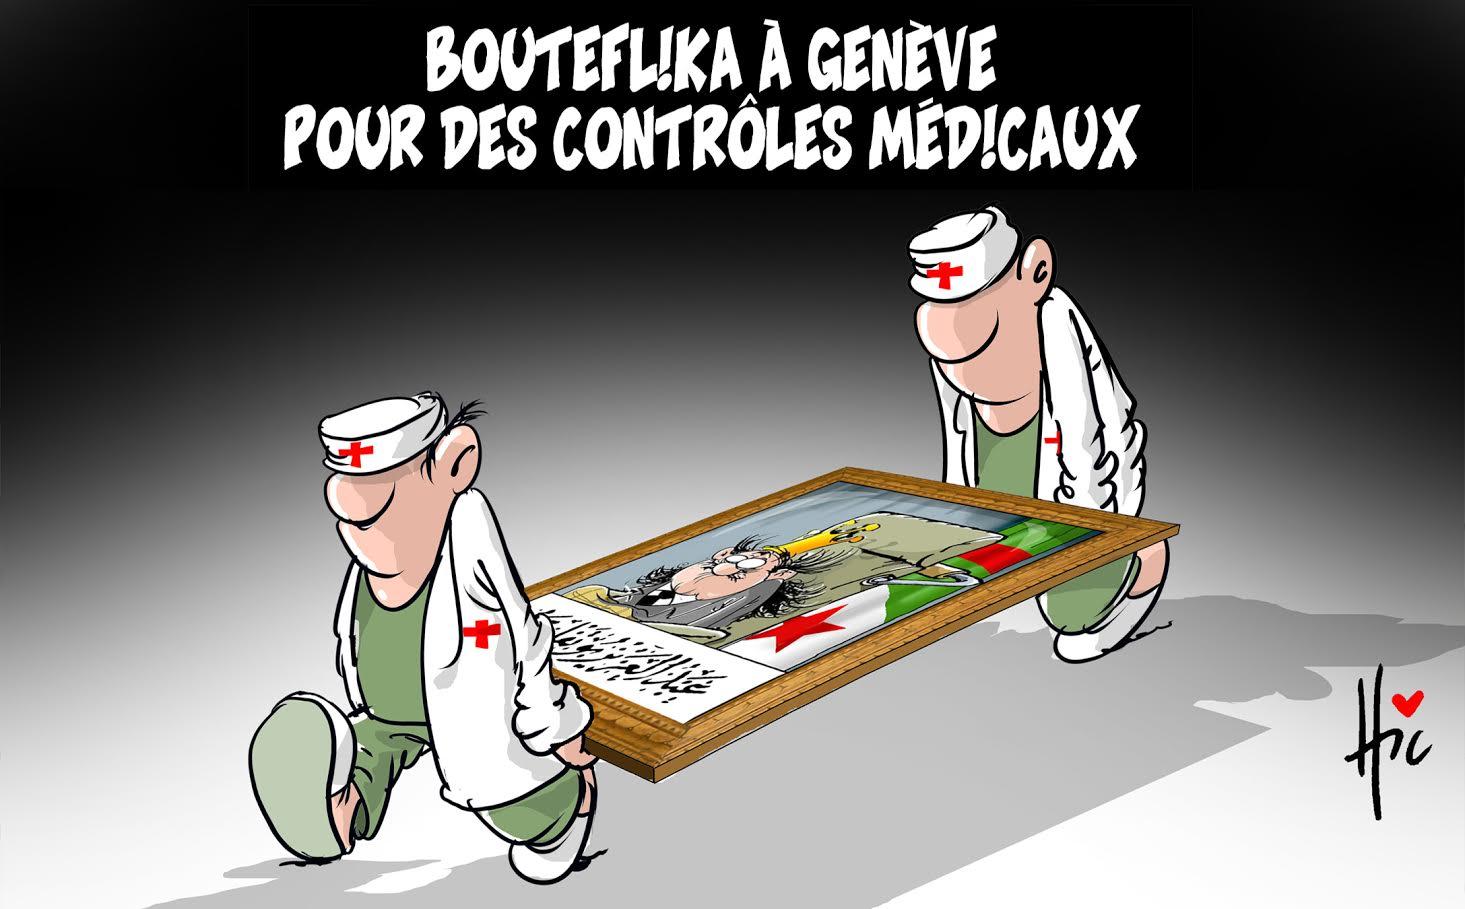 Bouteflika à genève pour les contrôles médicaux - Dessins et Caricatures, Le Hic - El Watan - Gagdz.com